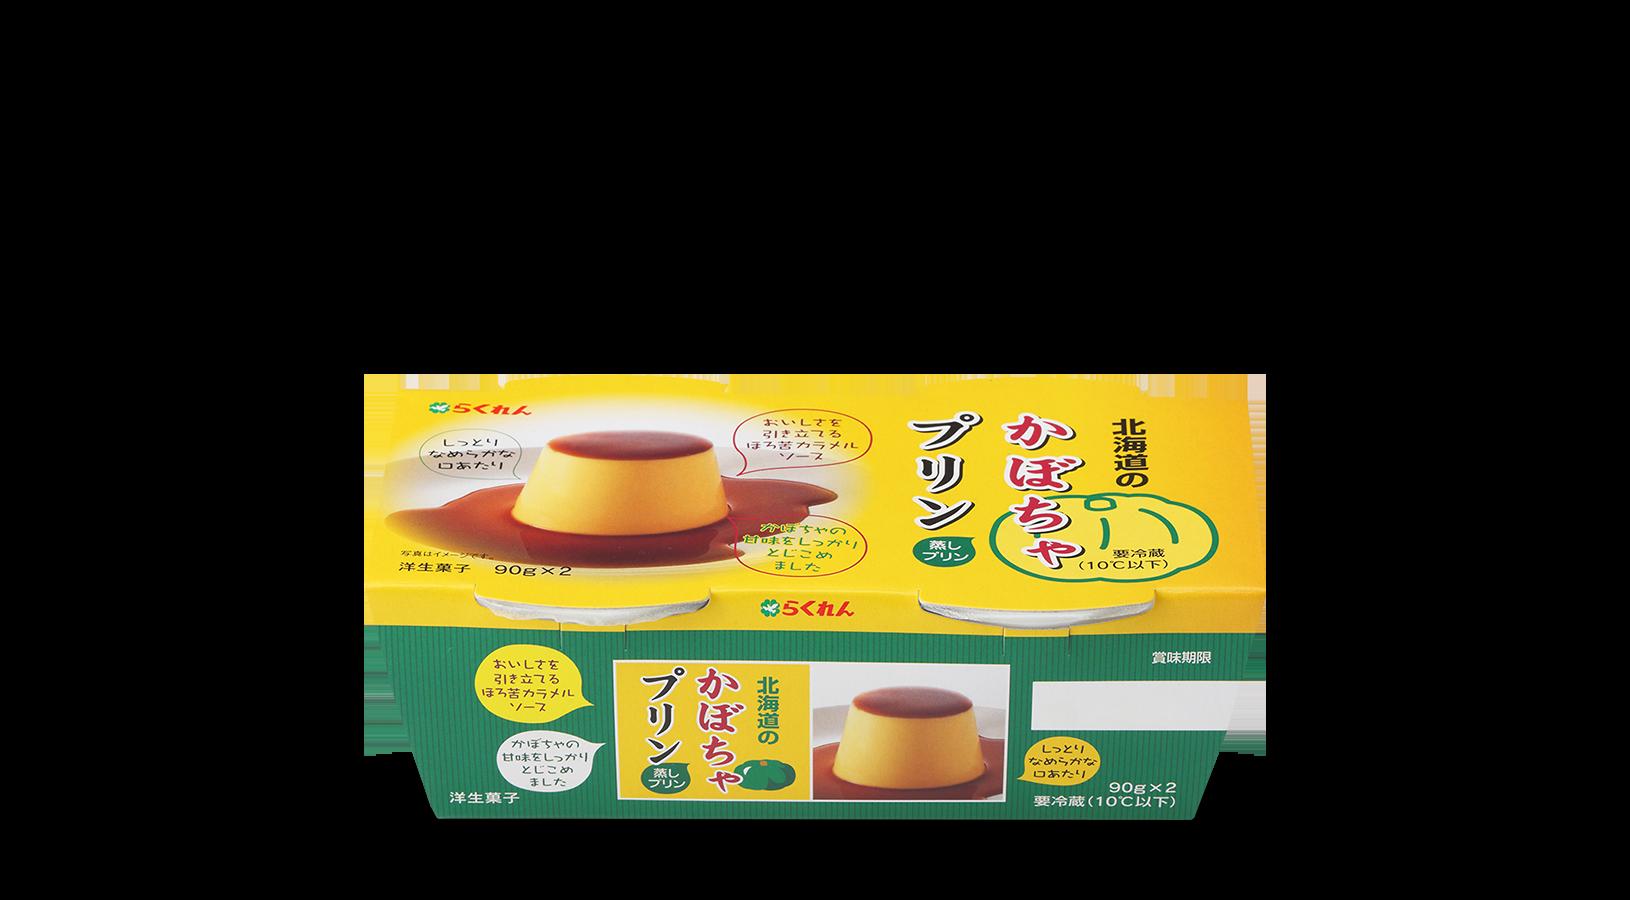 商品イメージ:北海道のかぼちゃプリン